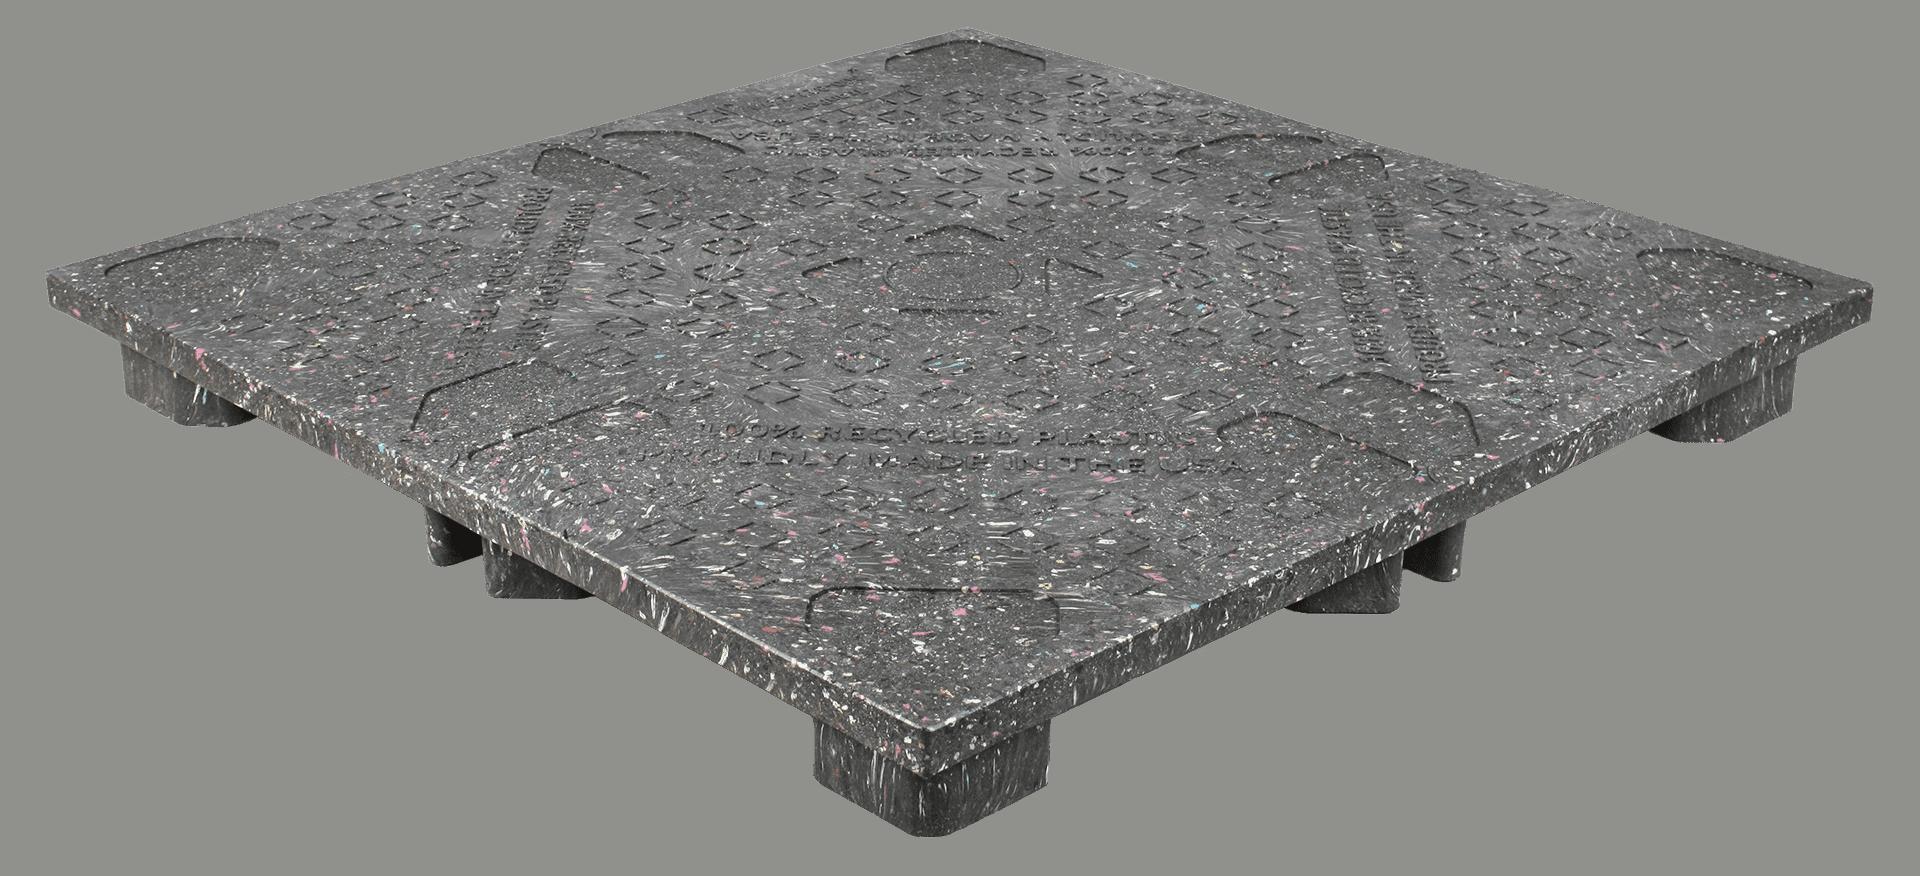 Proteus 48x48